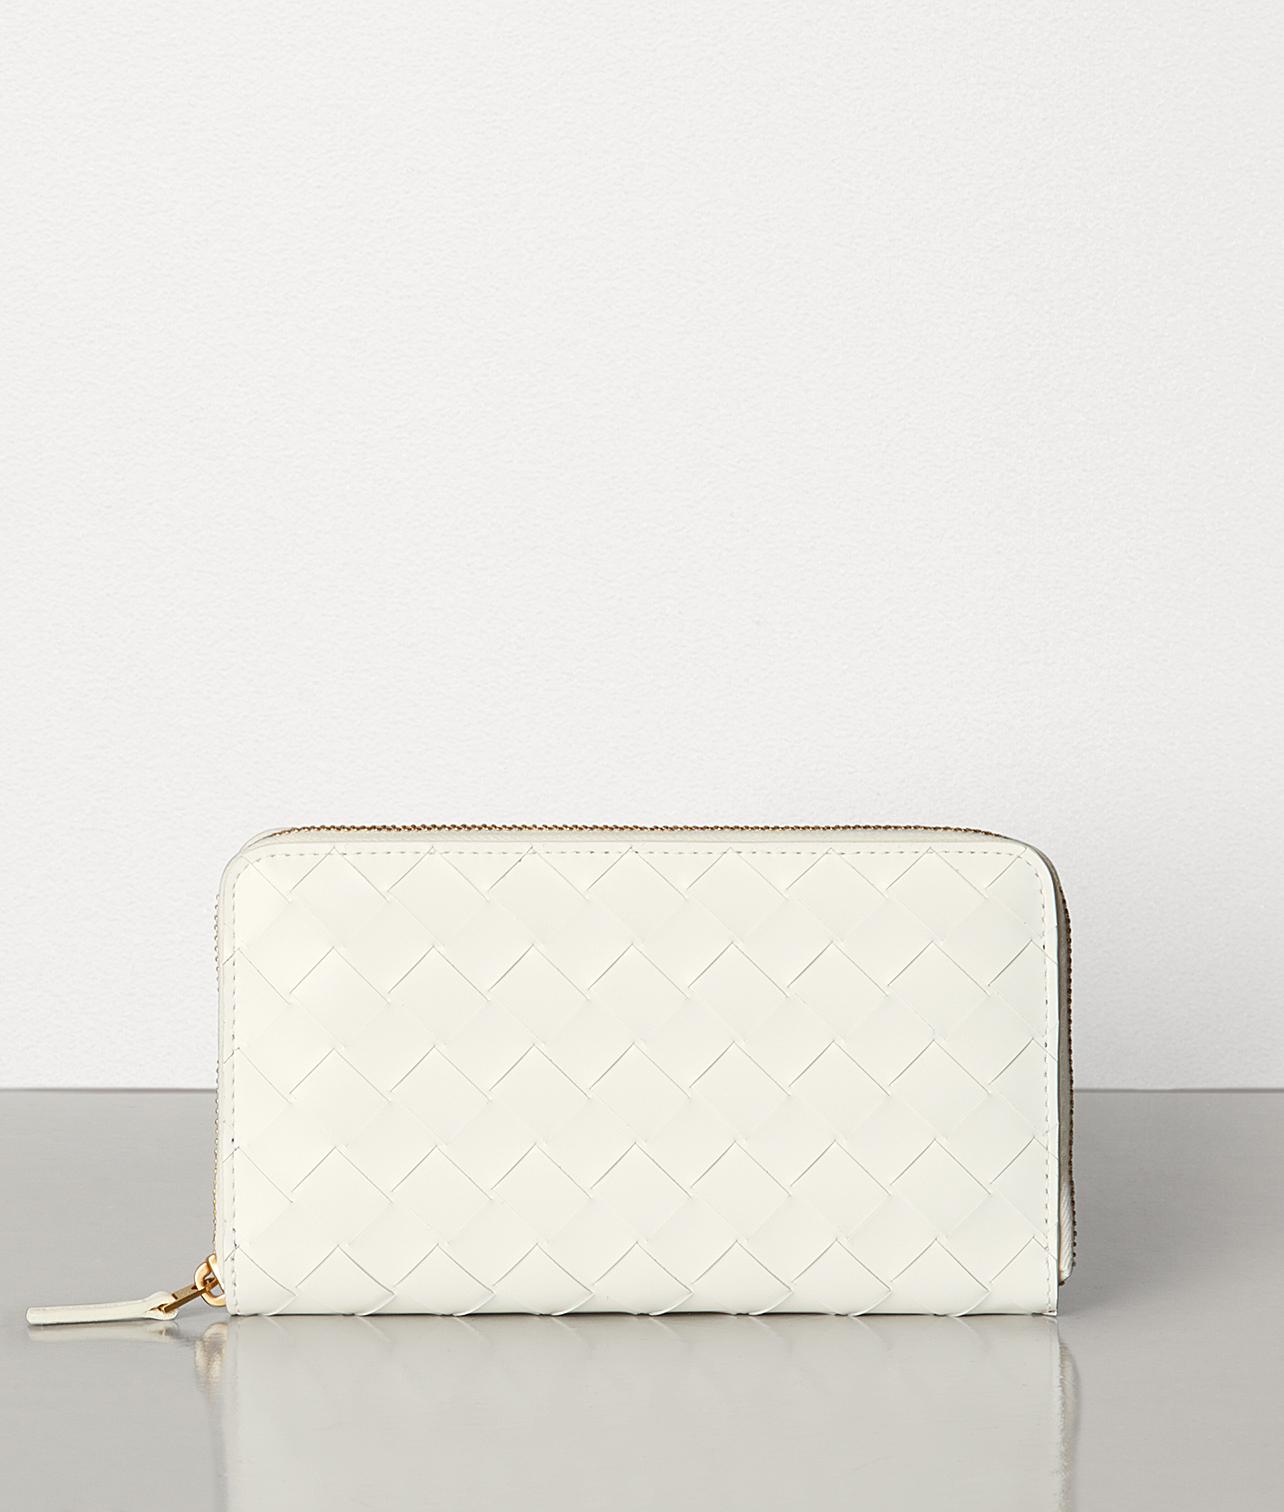 40代女性に似合うボッテガの財布